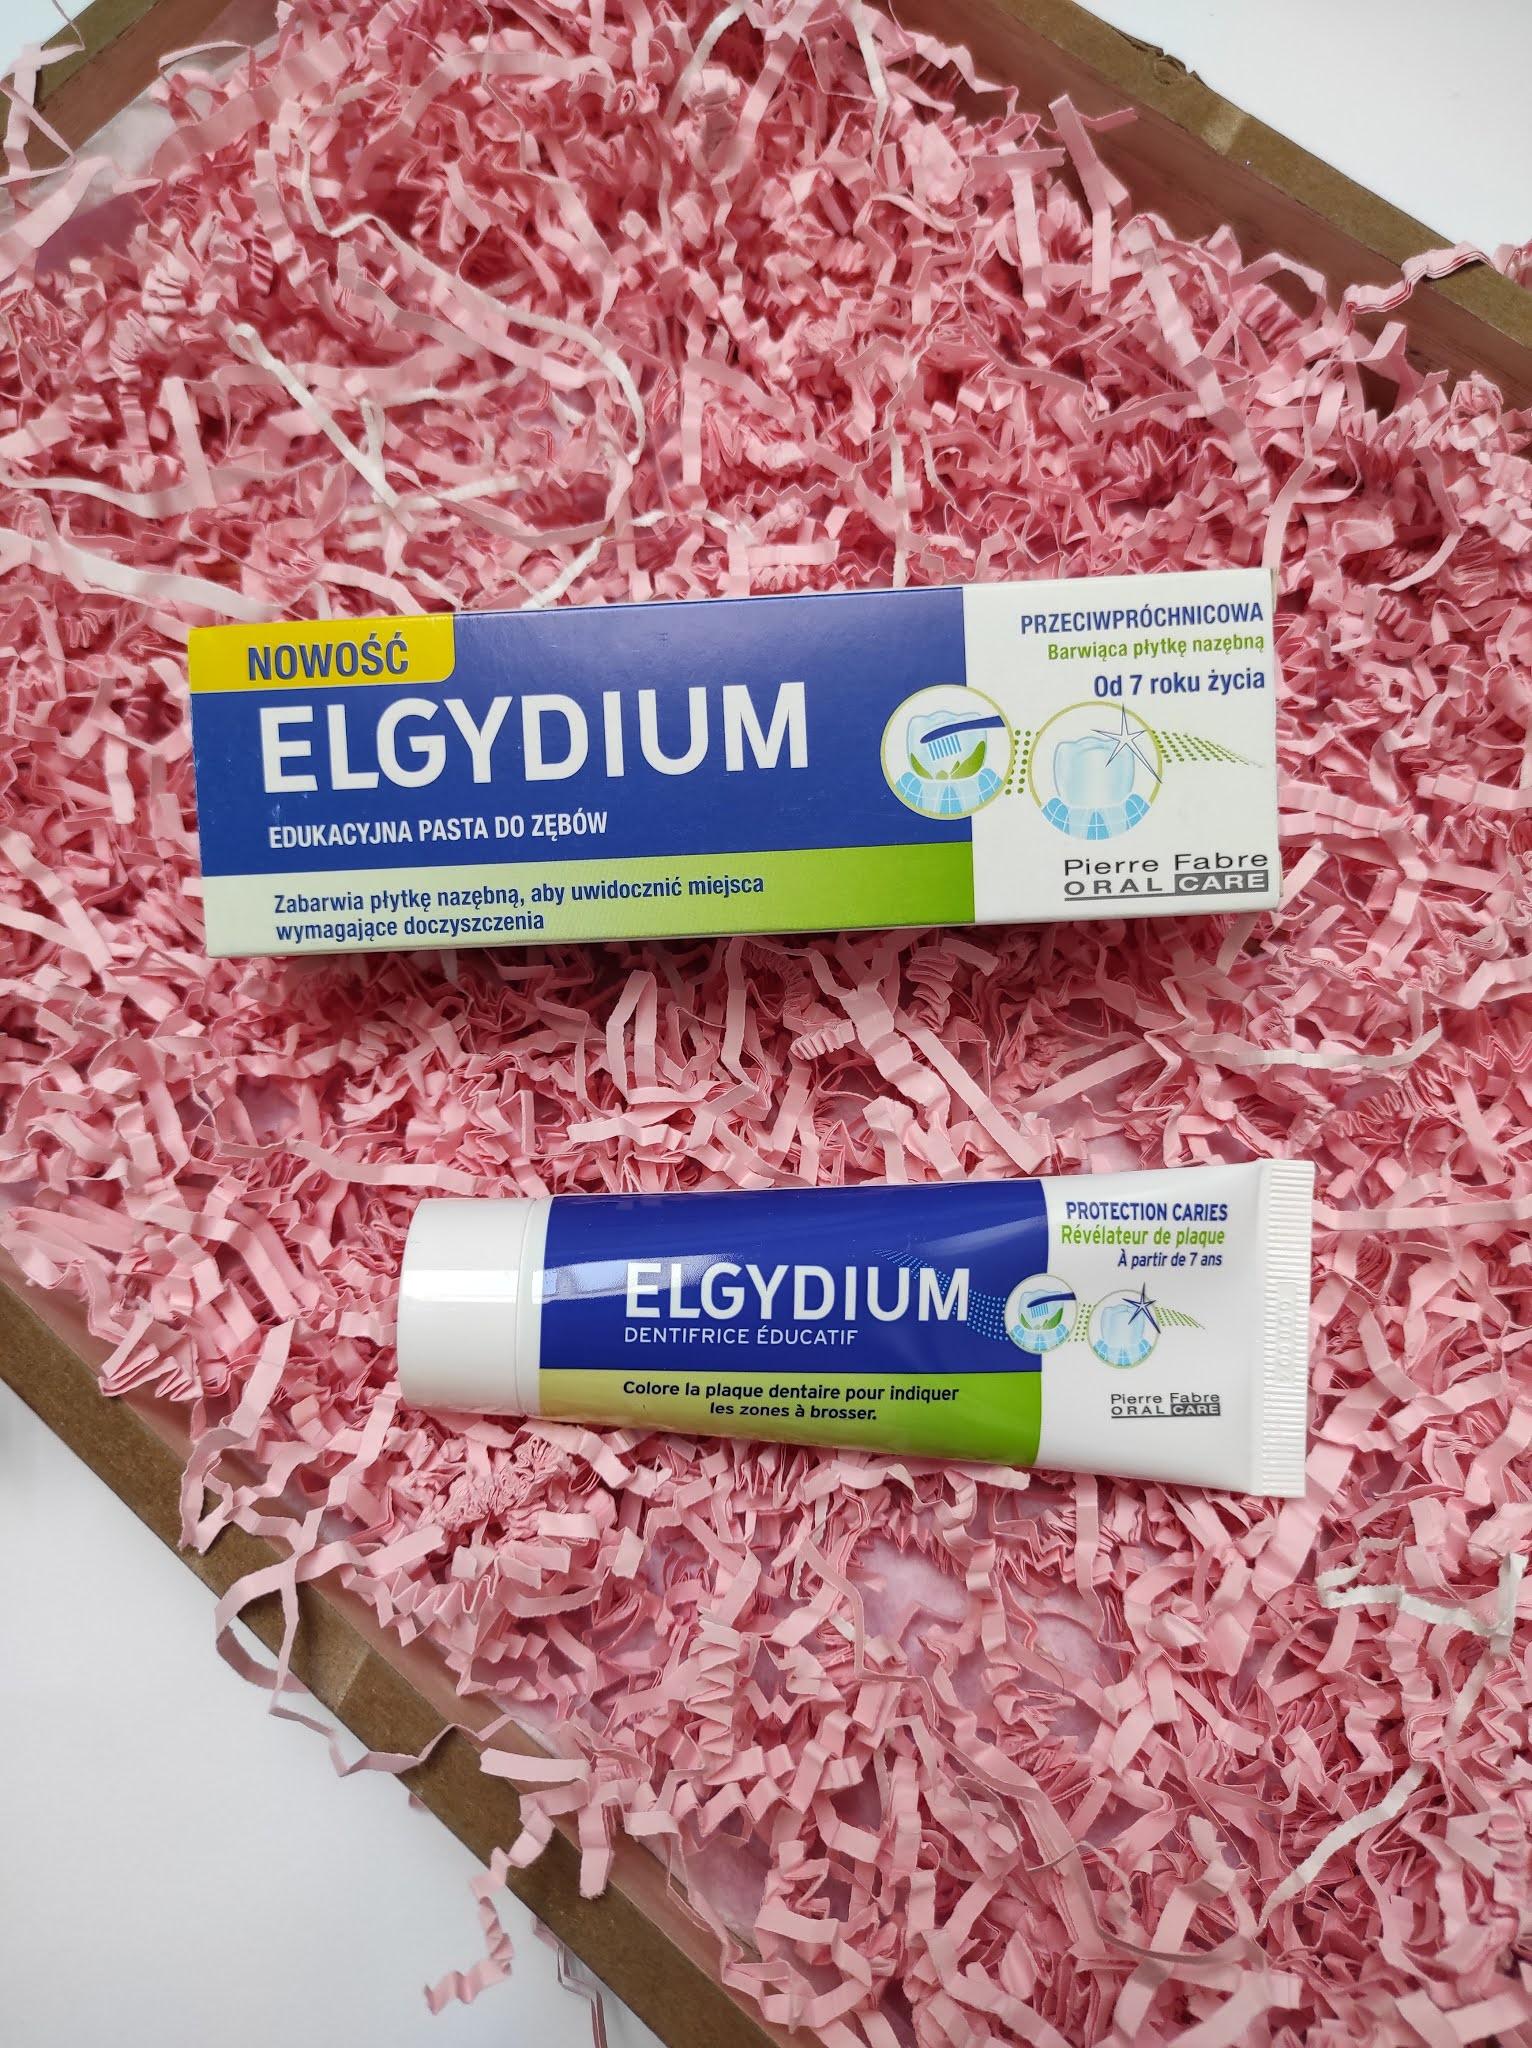 Edukacyjna pasta do zębów Elgydium